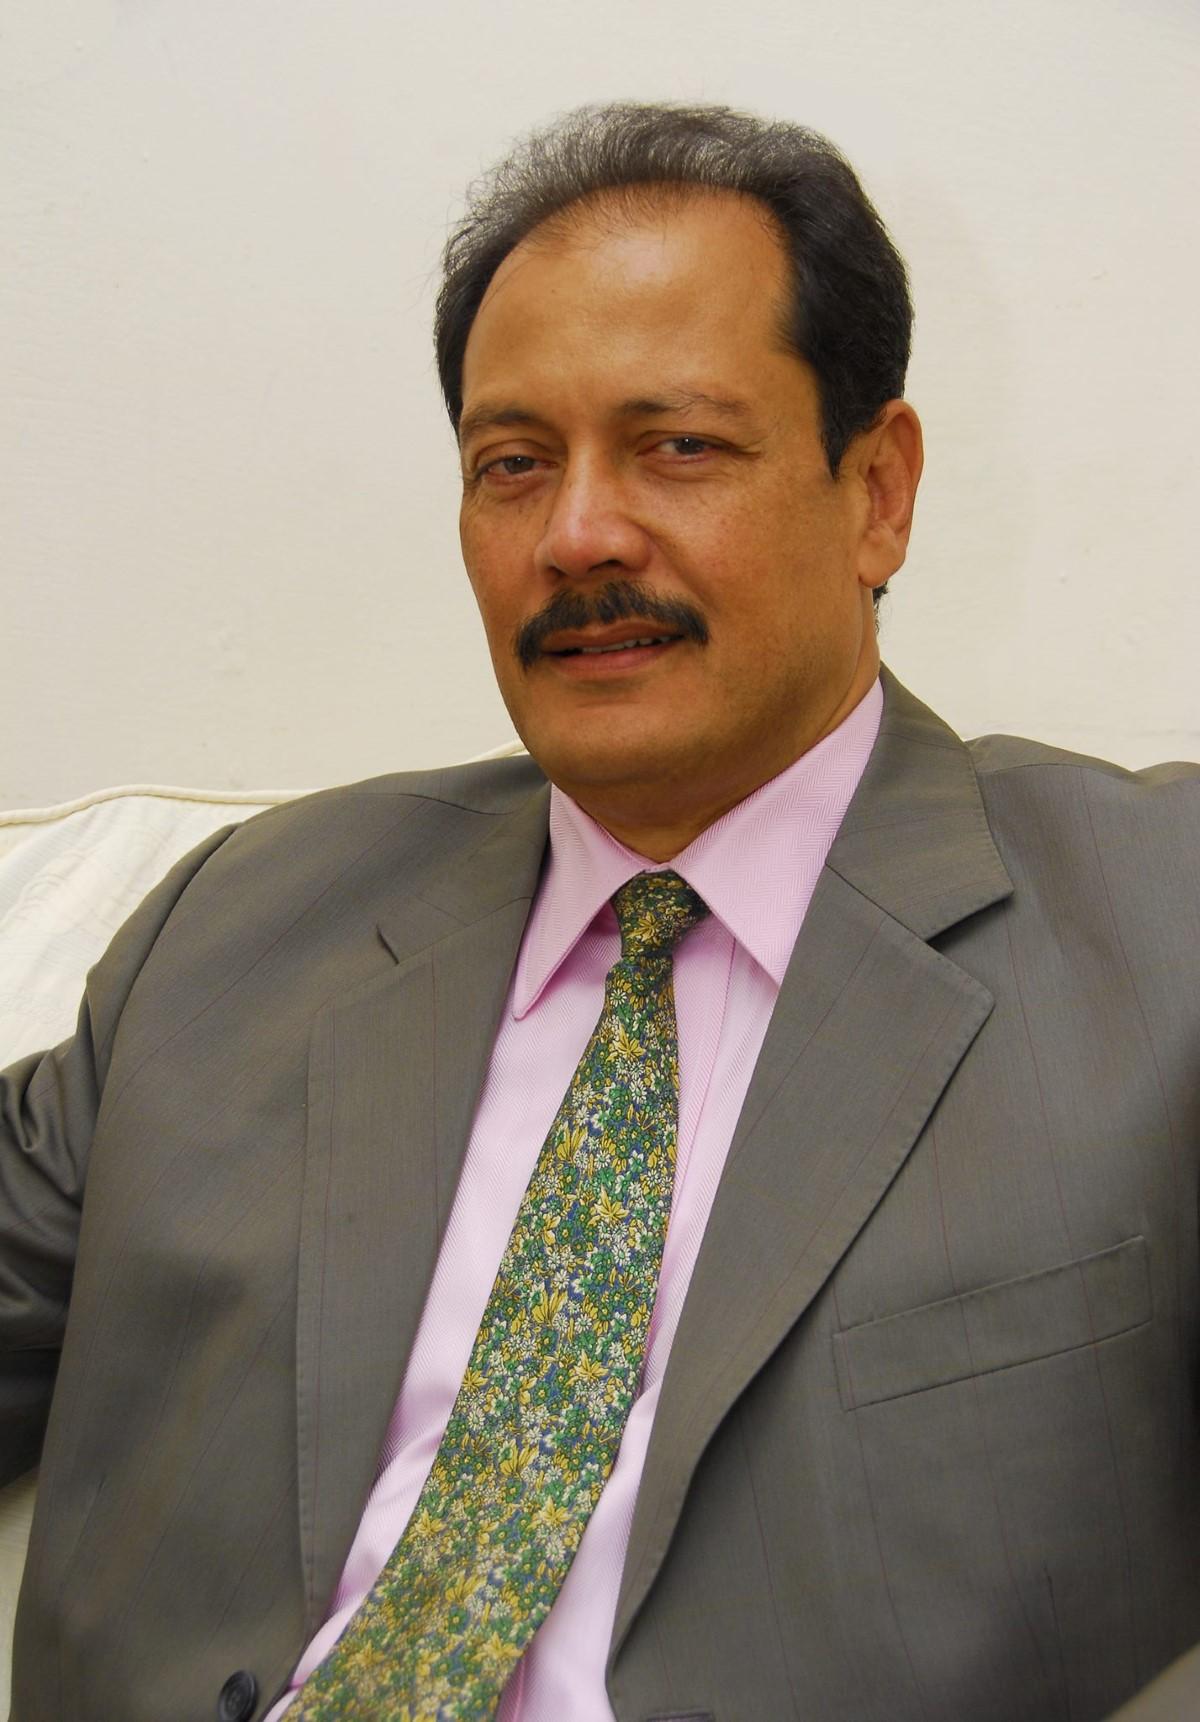 Gérard Sanspeur : «Le Premier Ministre doit révoquer le board de Landscope et Naila Hanoomanjee »